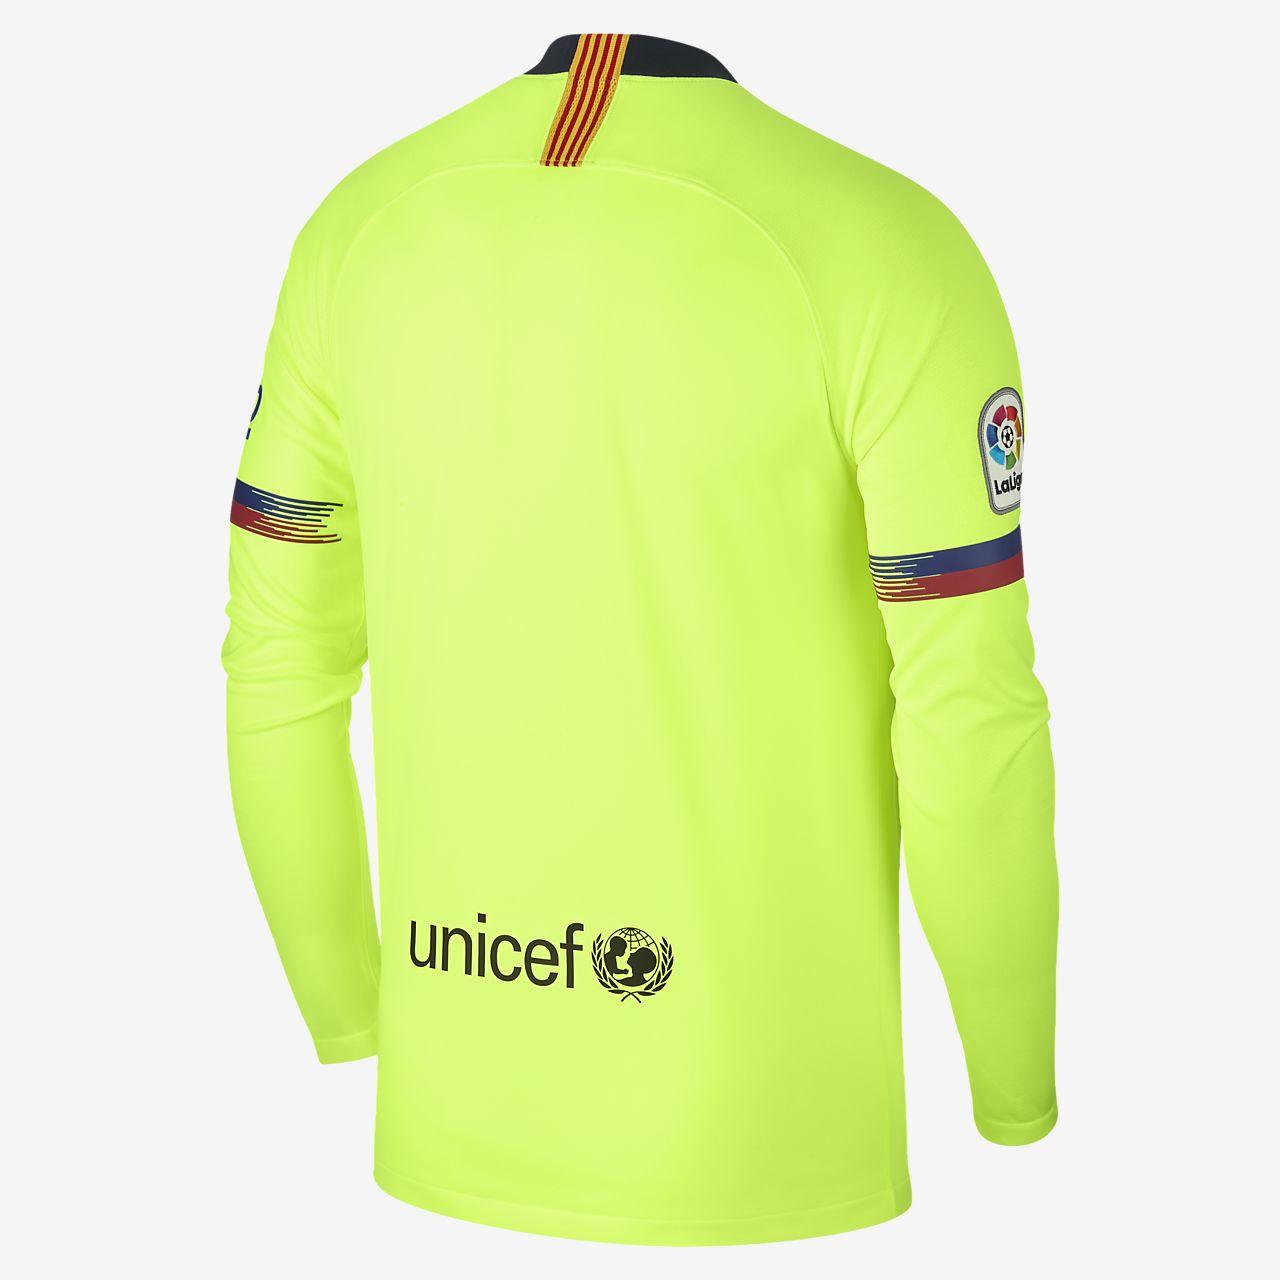 043f50a00 ... Camisola de futebol de manga comprida 2018 19 FC Barcelona Stadium Away  para homem